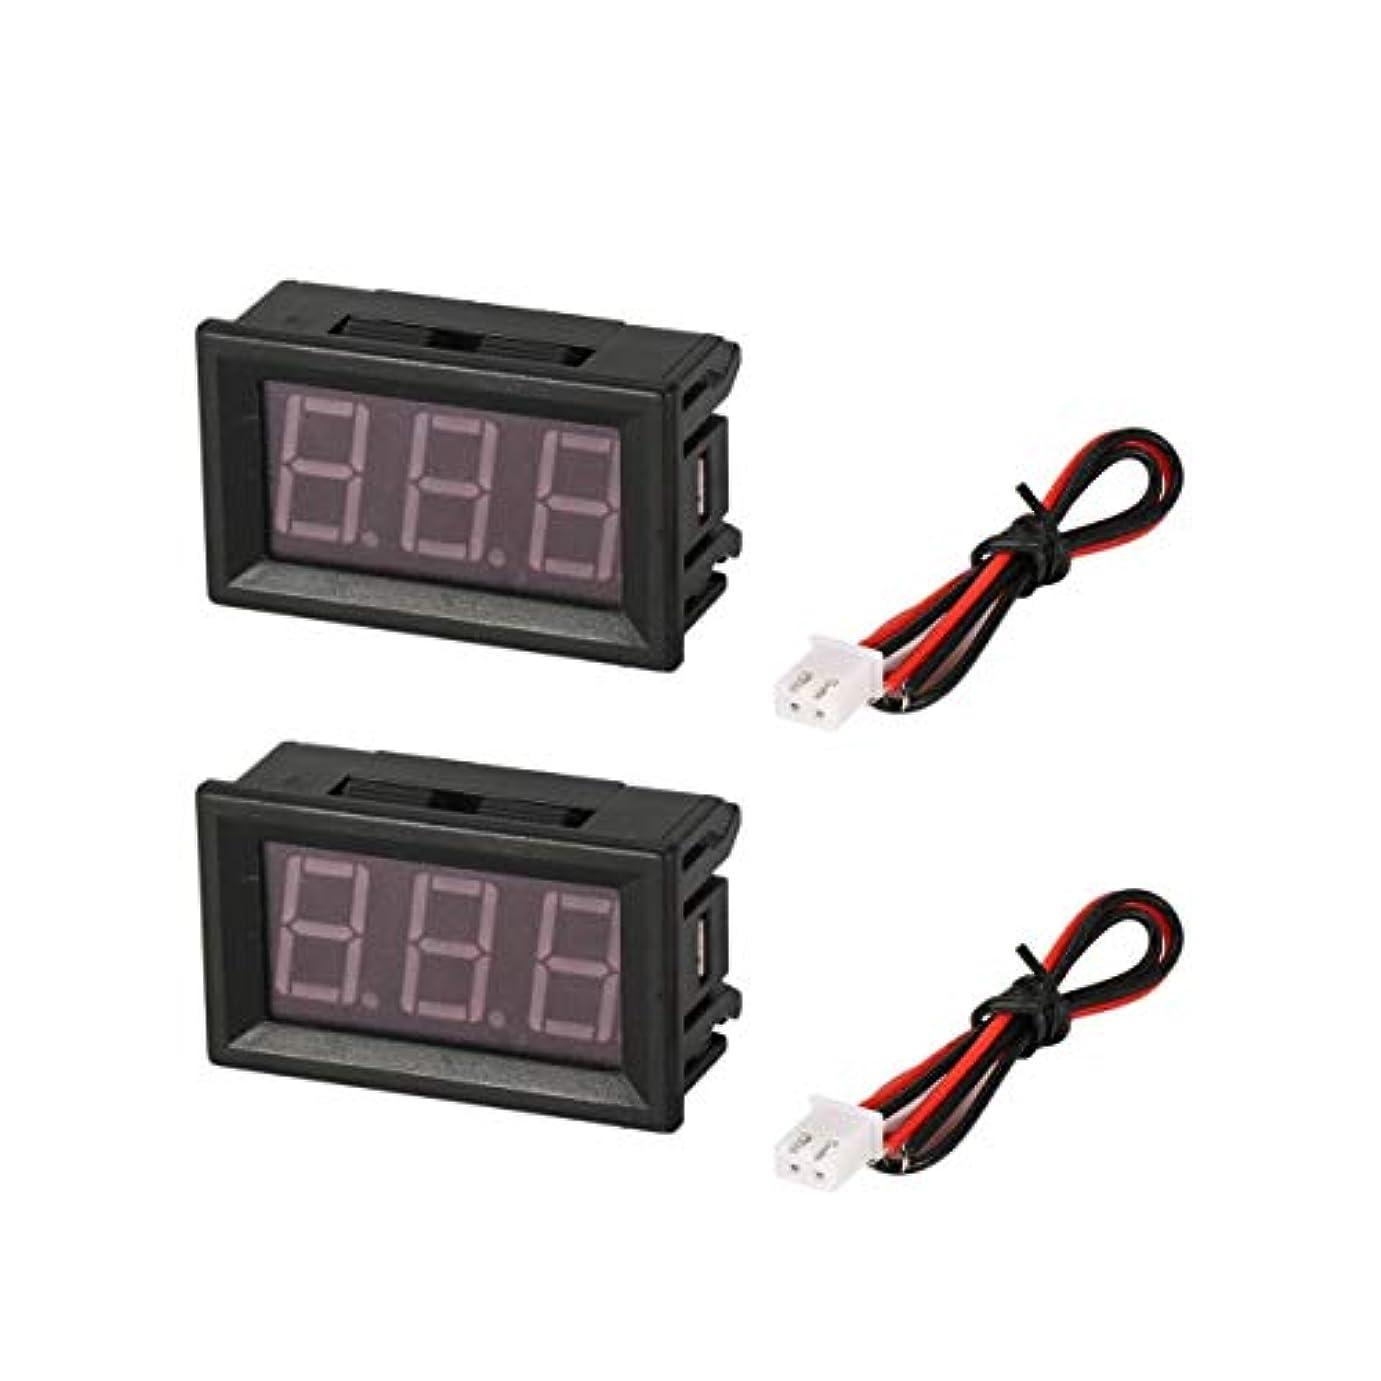 時計溶接編集者2PCS 7-150V 0.56in 3線式LEDデジタル電圧計電圧計カーボルトテスター